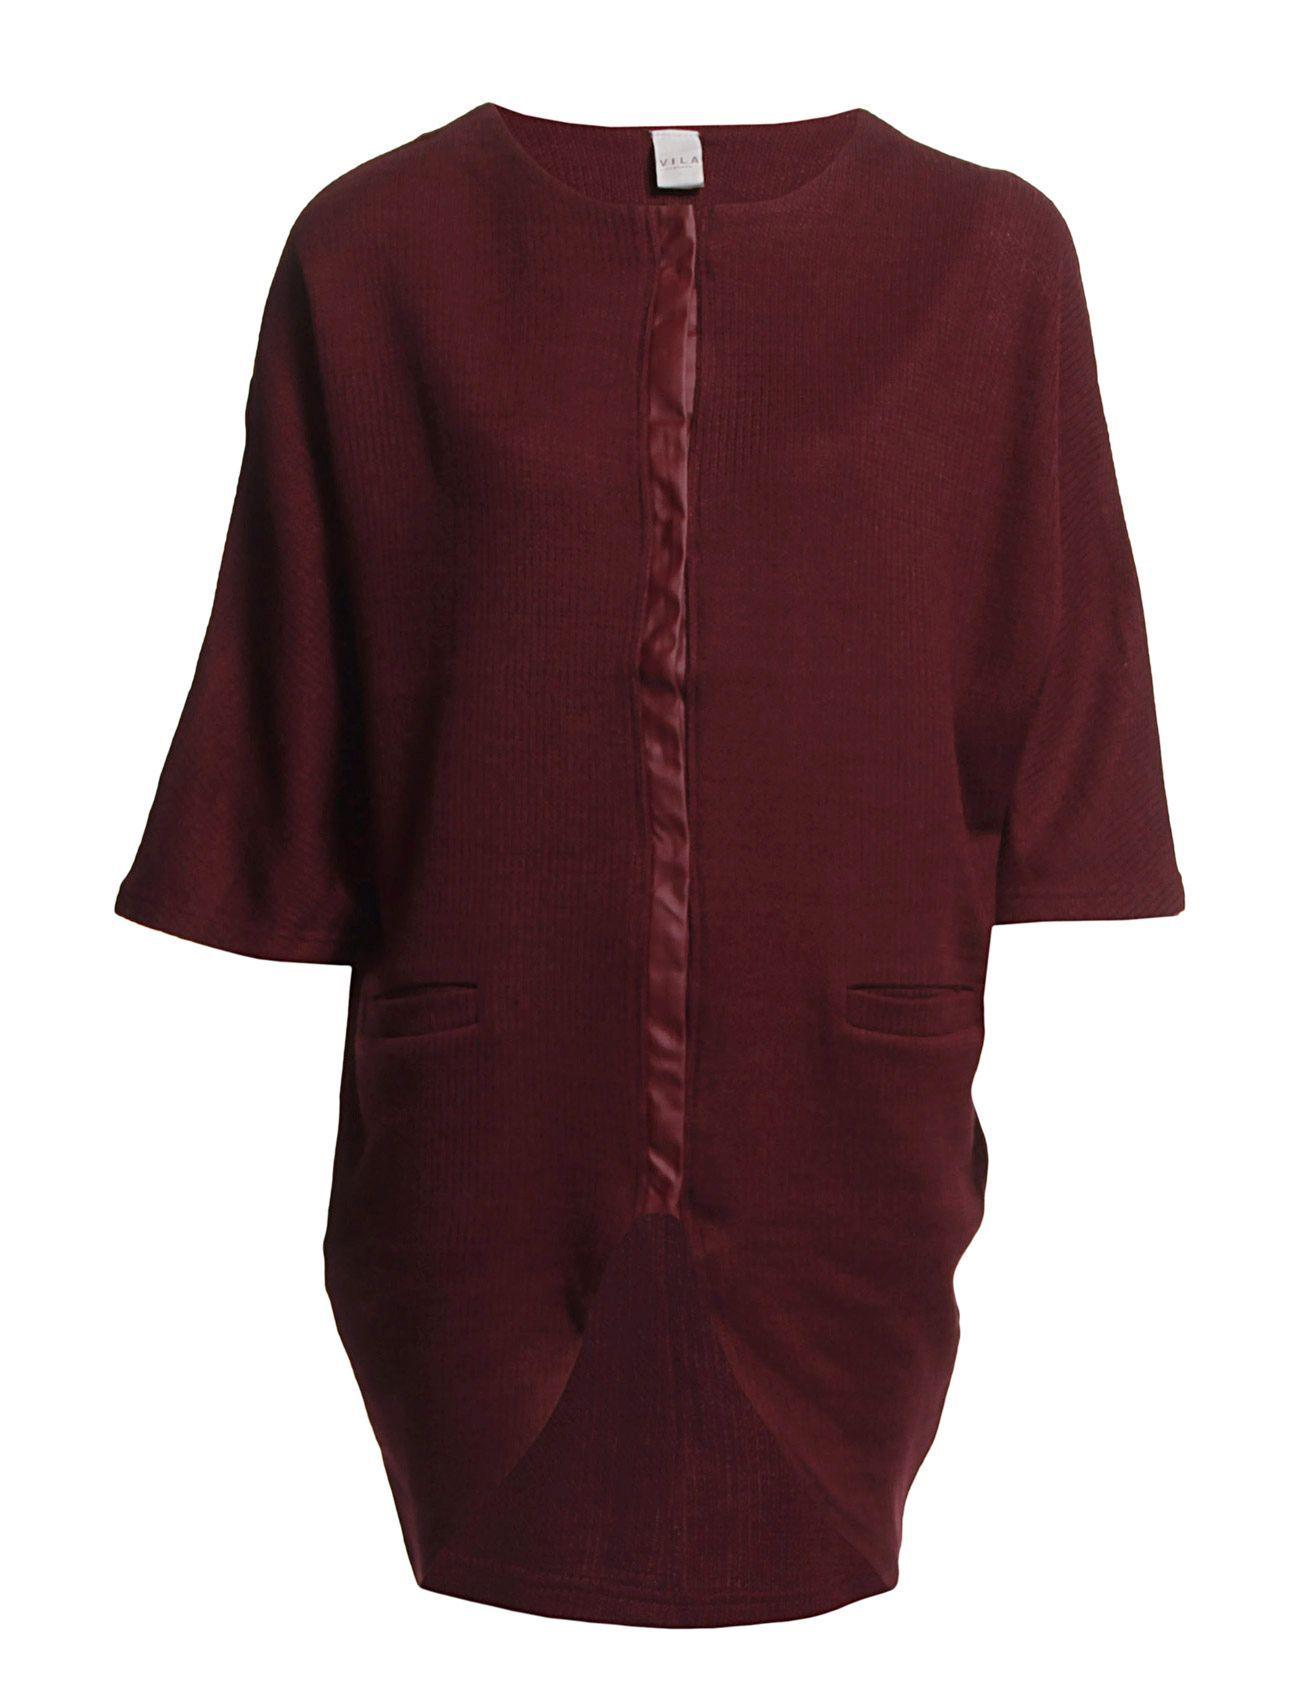 Sinel Knit Cardigan